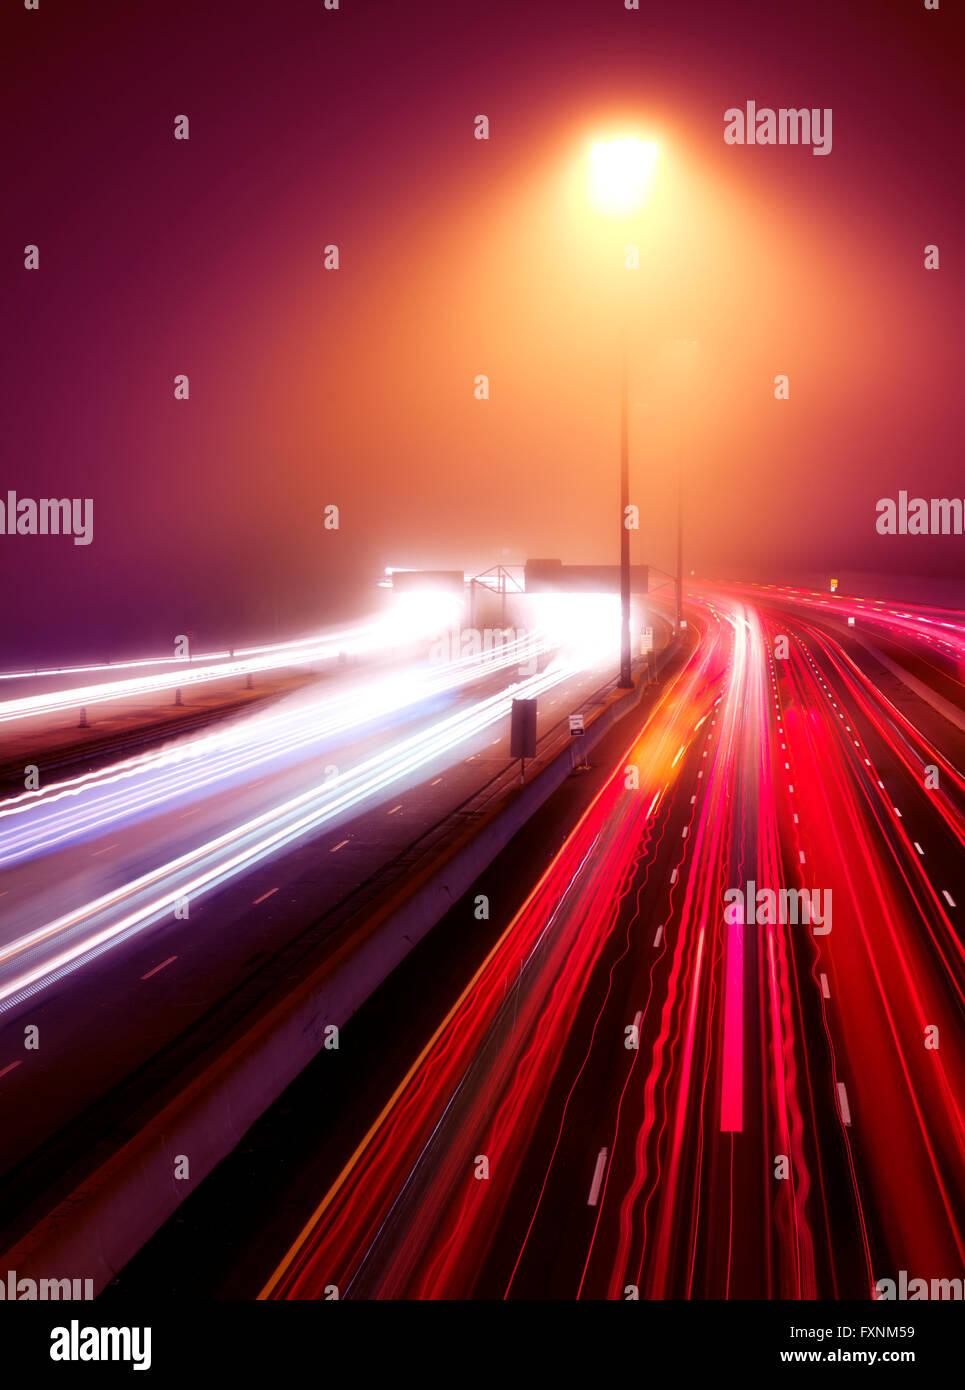 Route passante feu sentiers dans le cadre d'une nuit brumeuse, l'autoroute 401, Toronto, Ontario, Canada Photo Stock